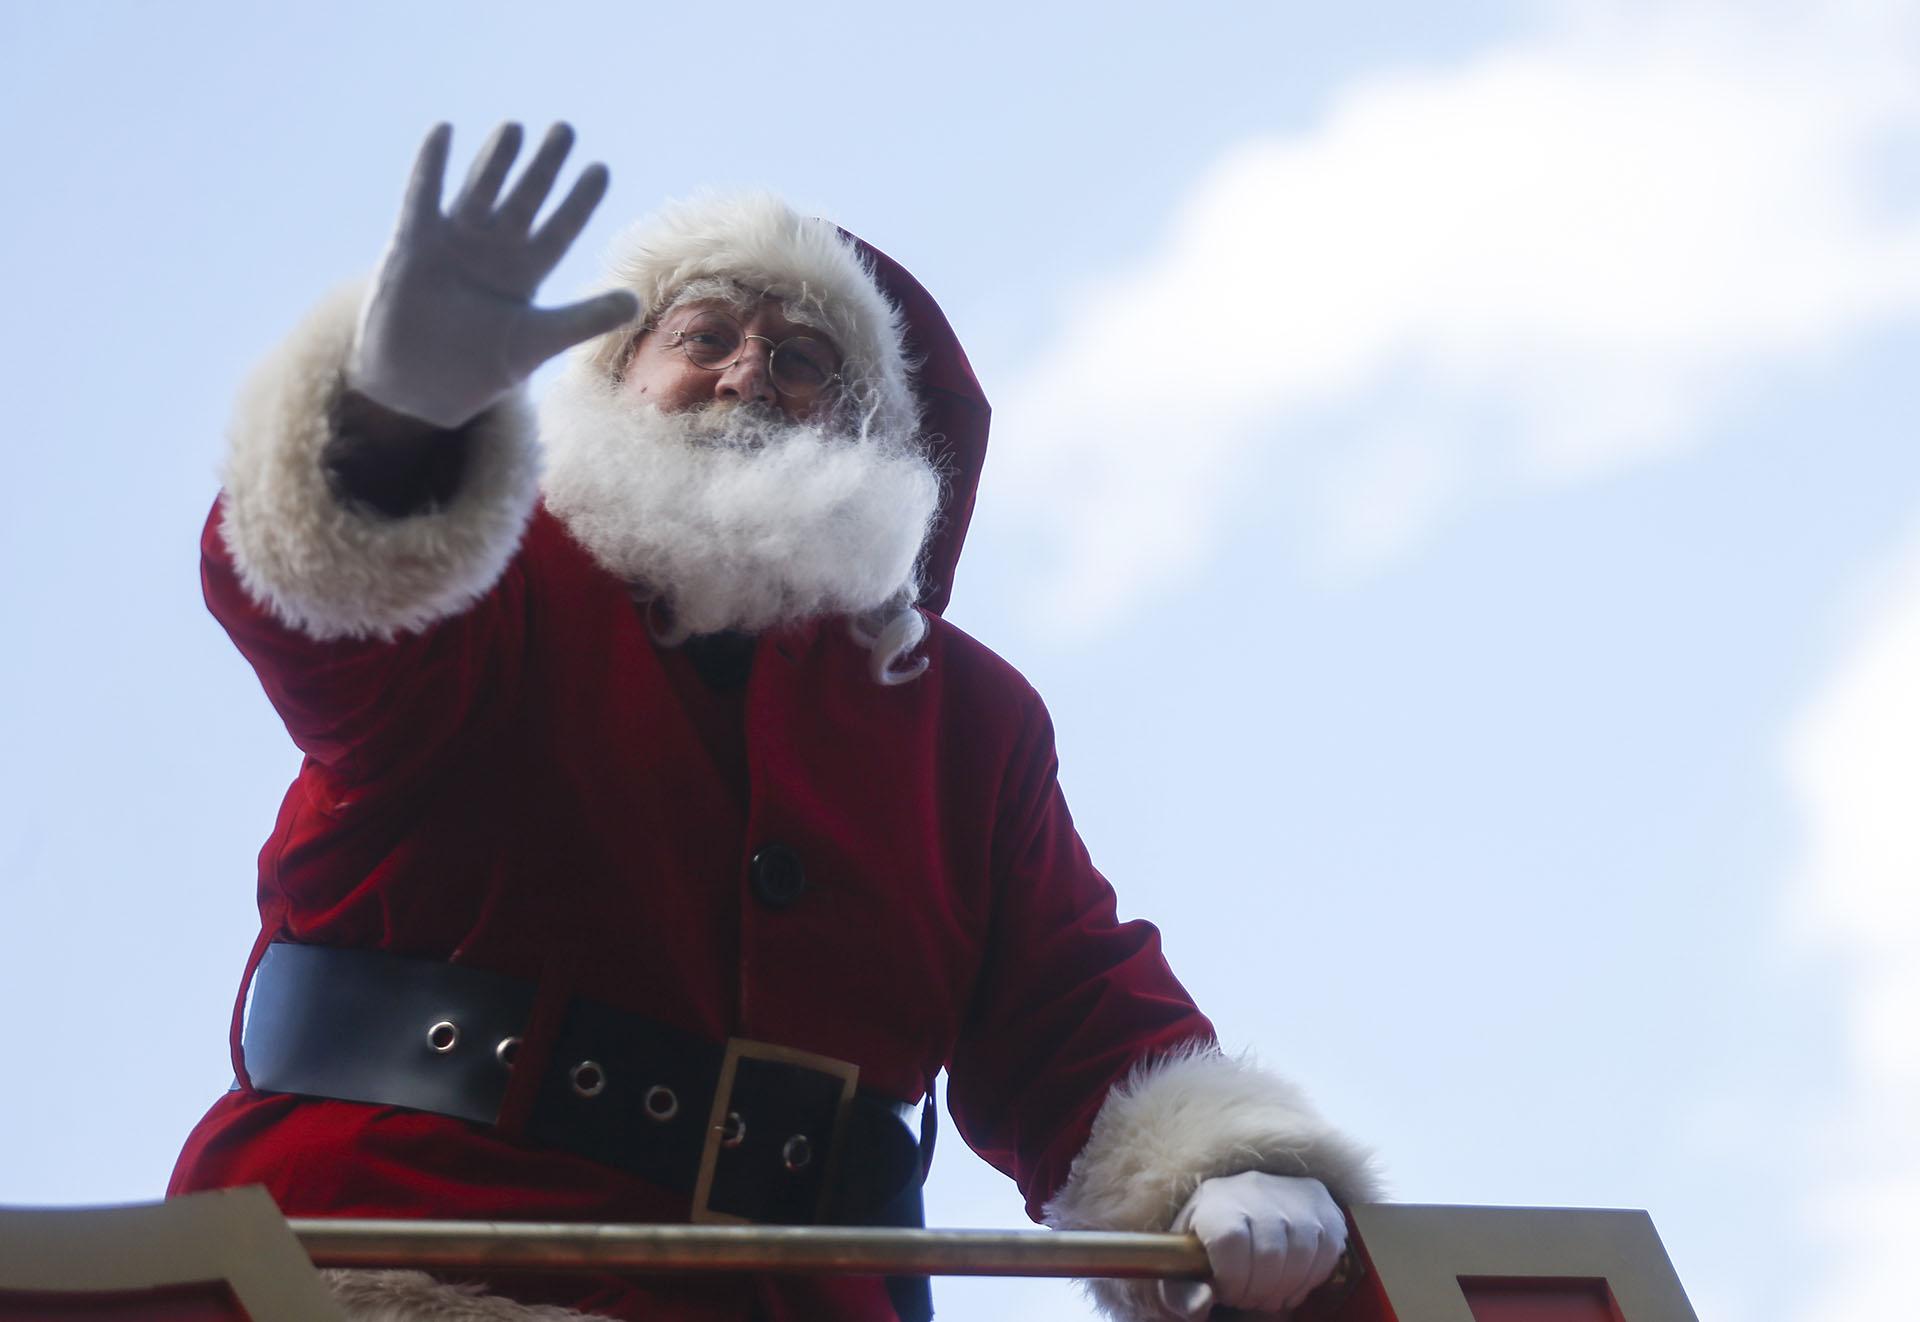 Santa Claus saluda a la gente durante un desfile navideño el 17 de diciembre de 2017 en Buenos Aires, Argentina. (Getty Images)